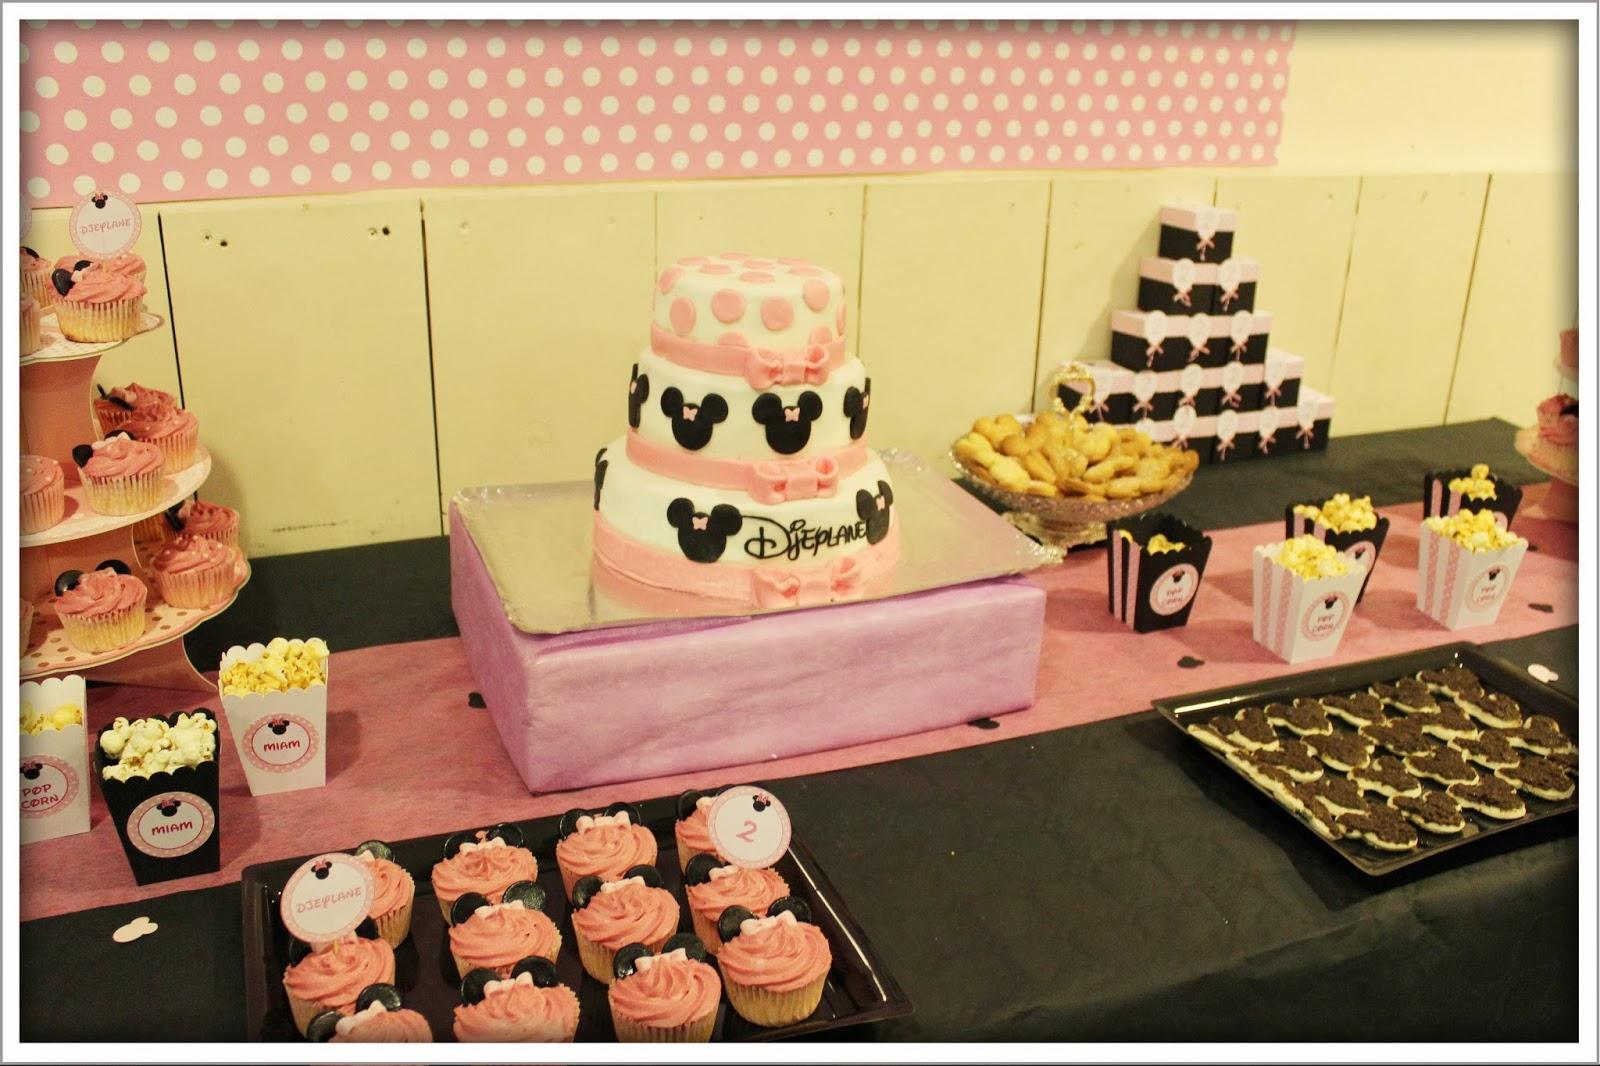 sweet table rose avec gateau d'anniversaire a 3 etages